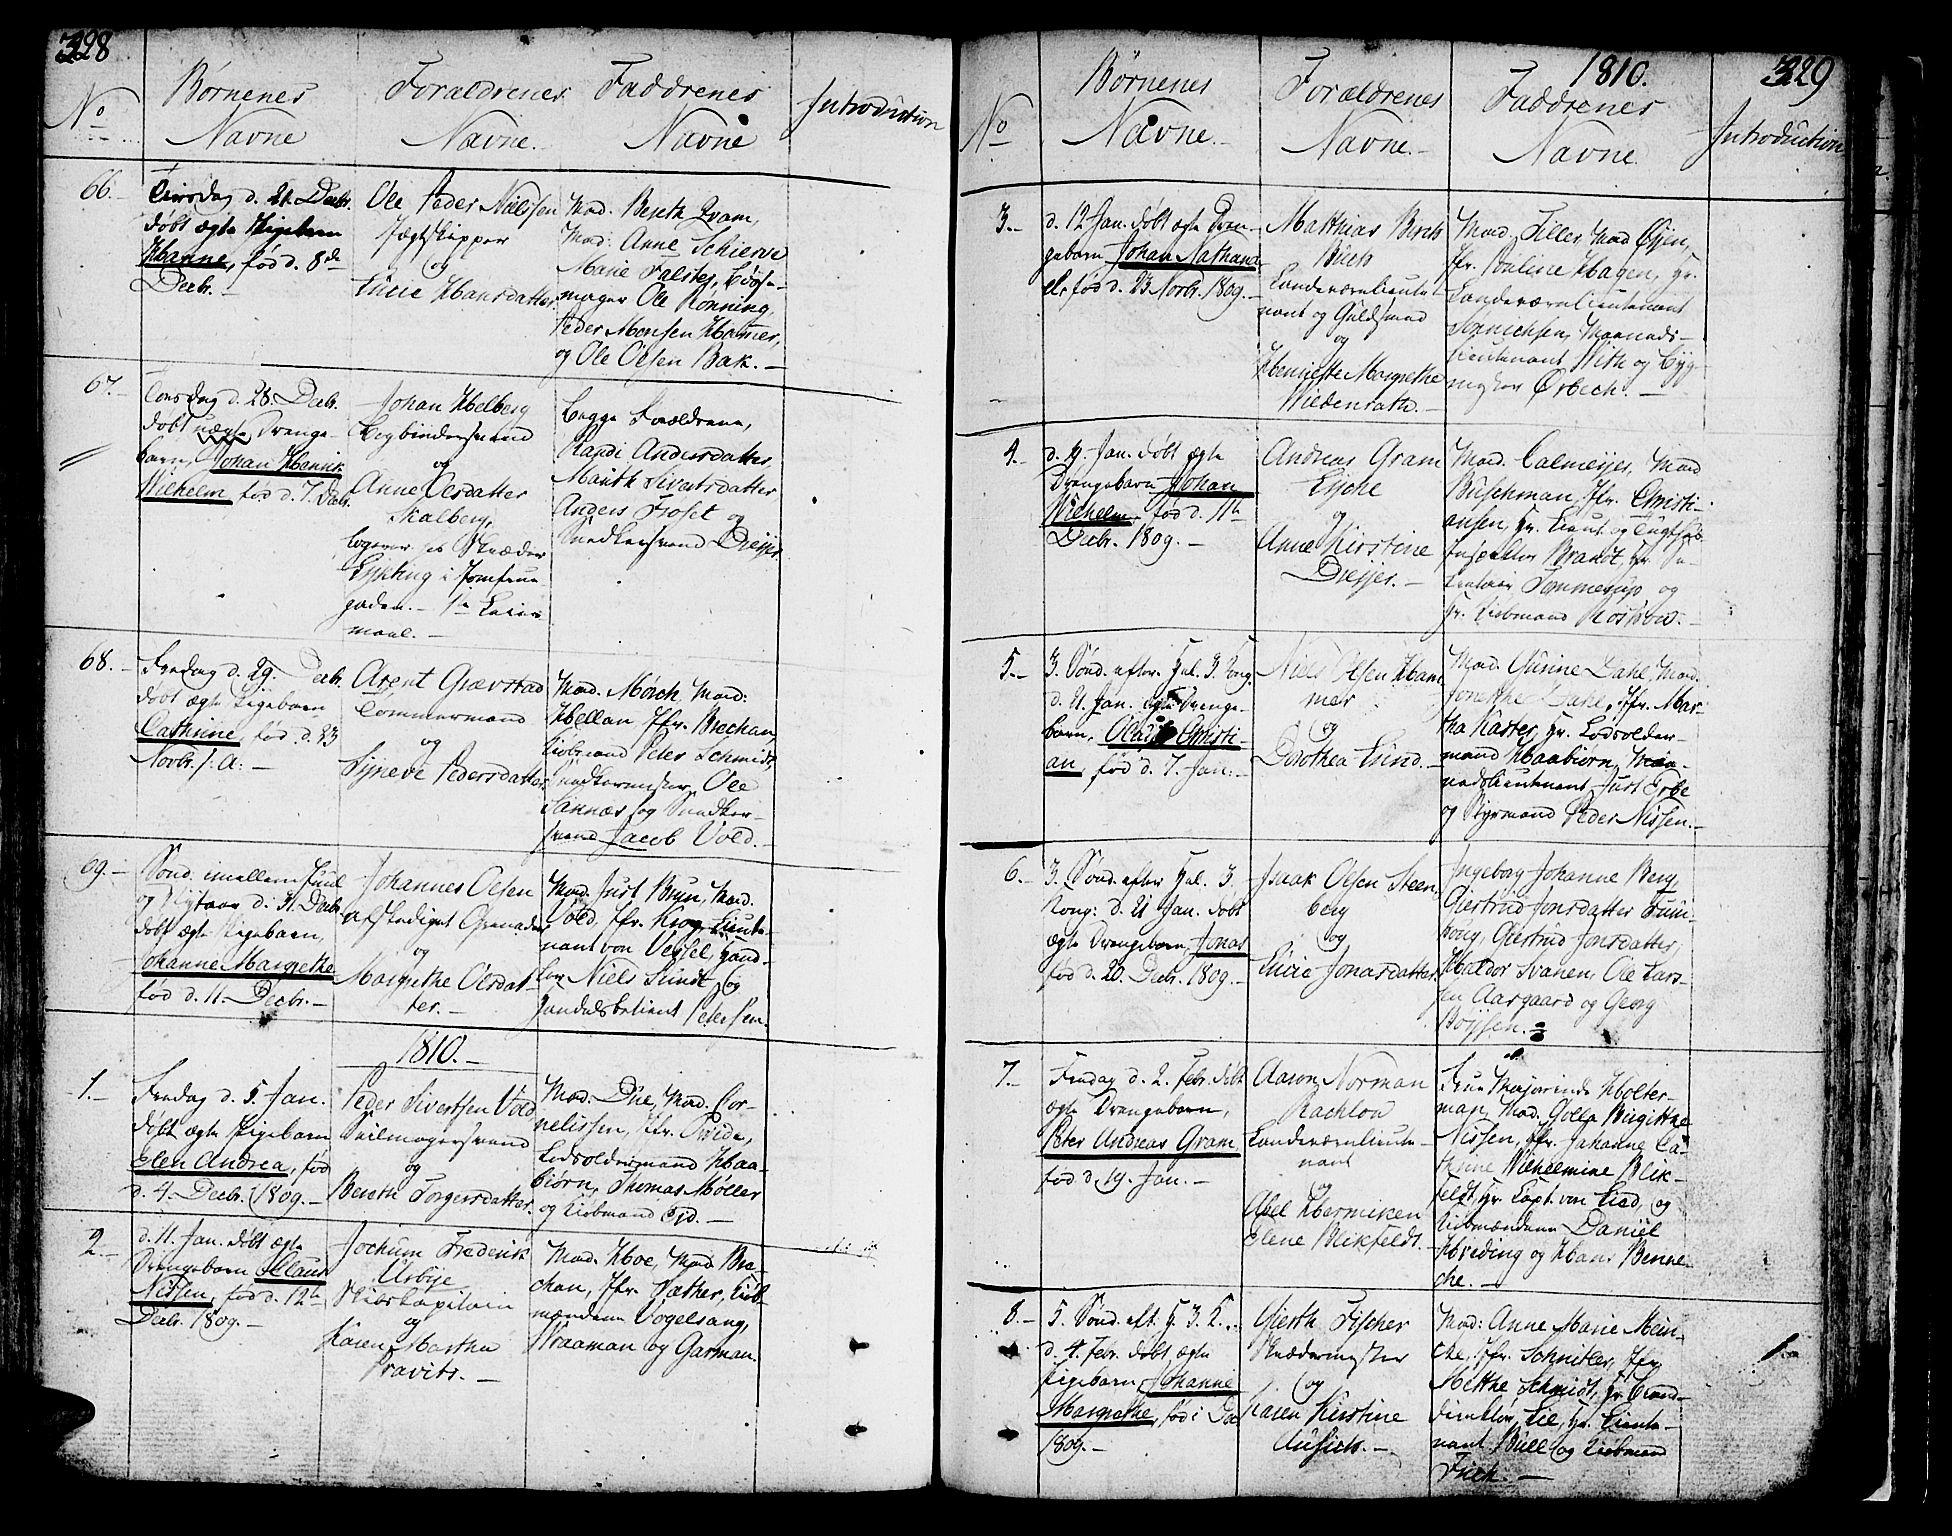 SAT, Ministerialprotokoller, klokkerbøker og fødselsregistre - Sør-Trøndelag, 602/L0104: Ministerialbok nr. 602A02, 1774-1814, s. 328-329